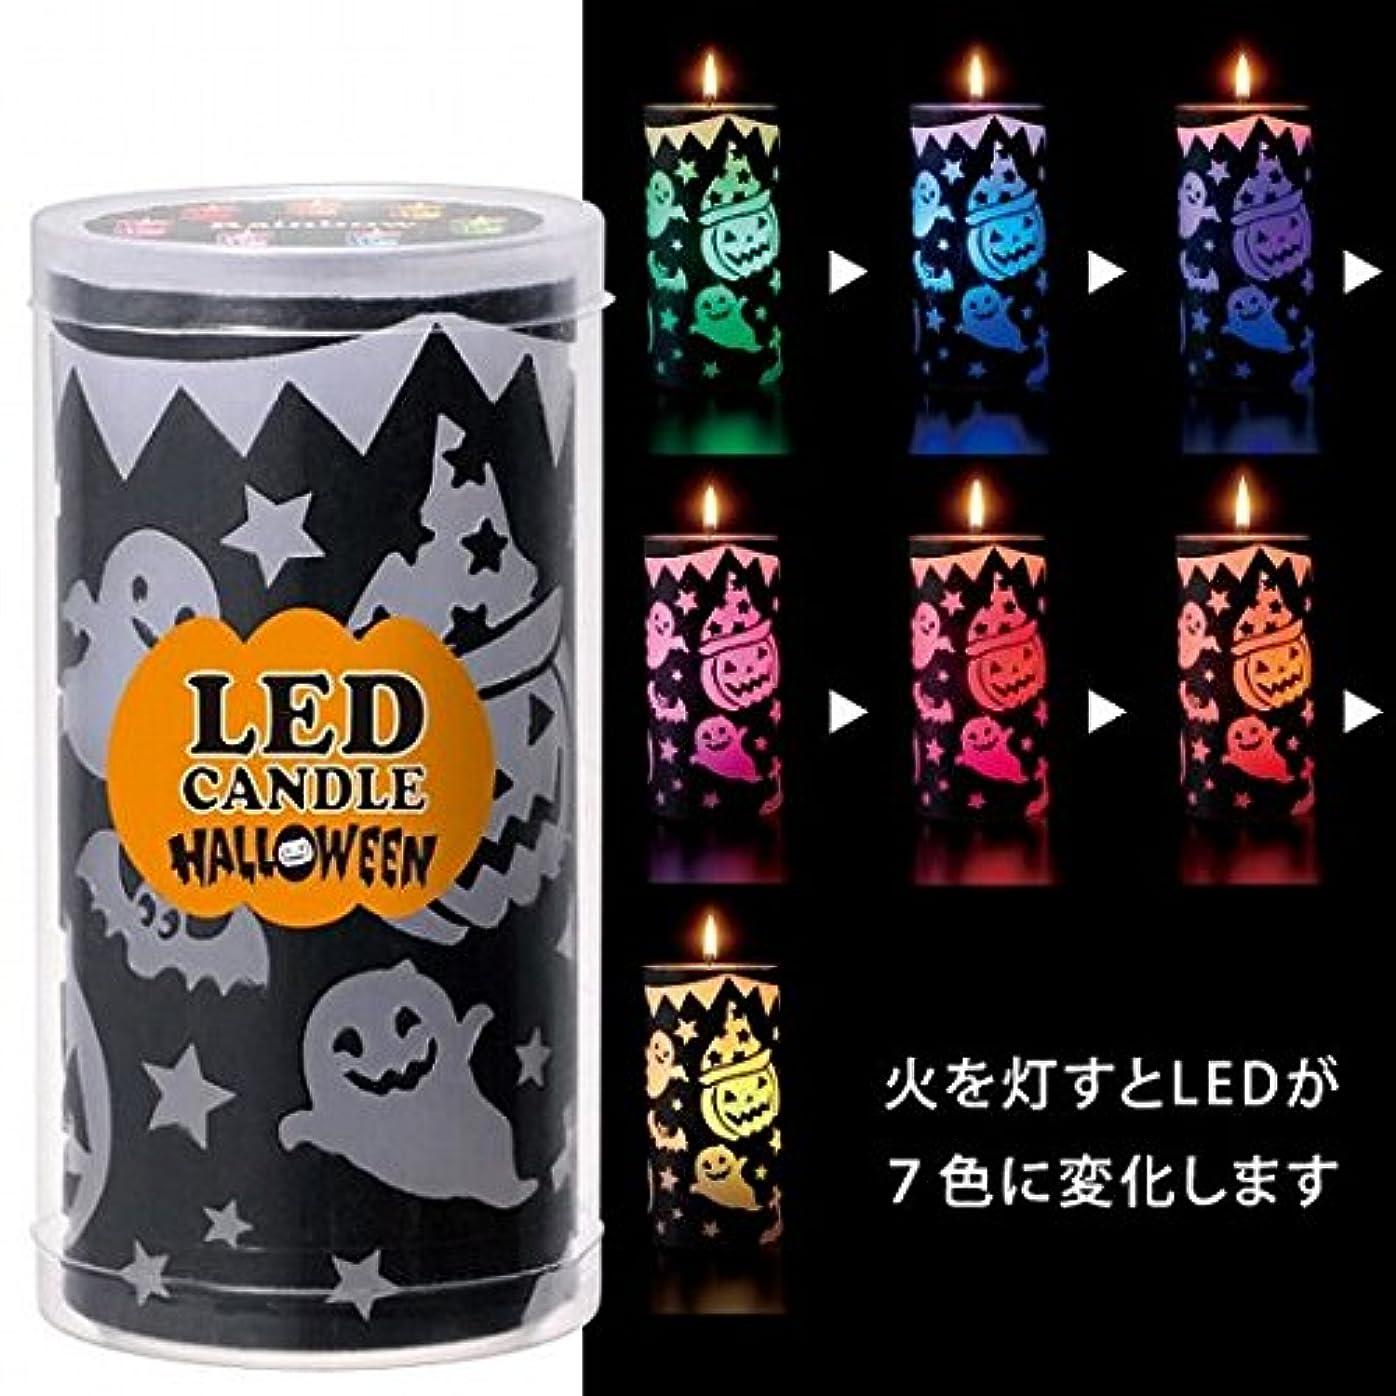 質素な経歴隠すカメヤマキャンドル( kameyama candle ) LEDピラーパンプキン キャンドル